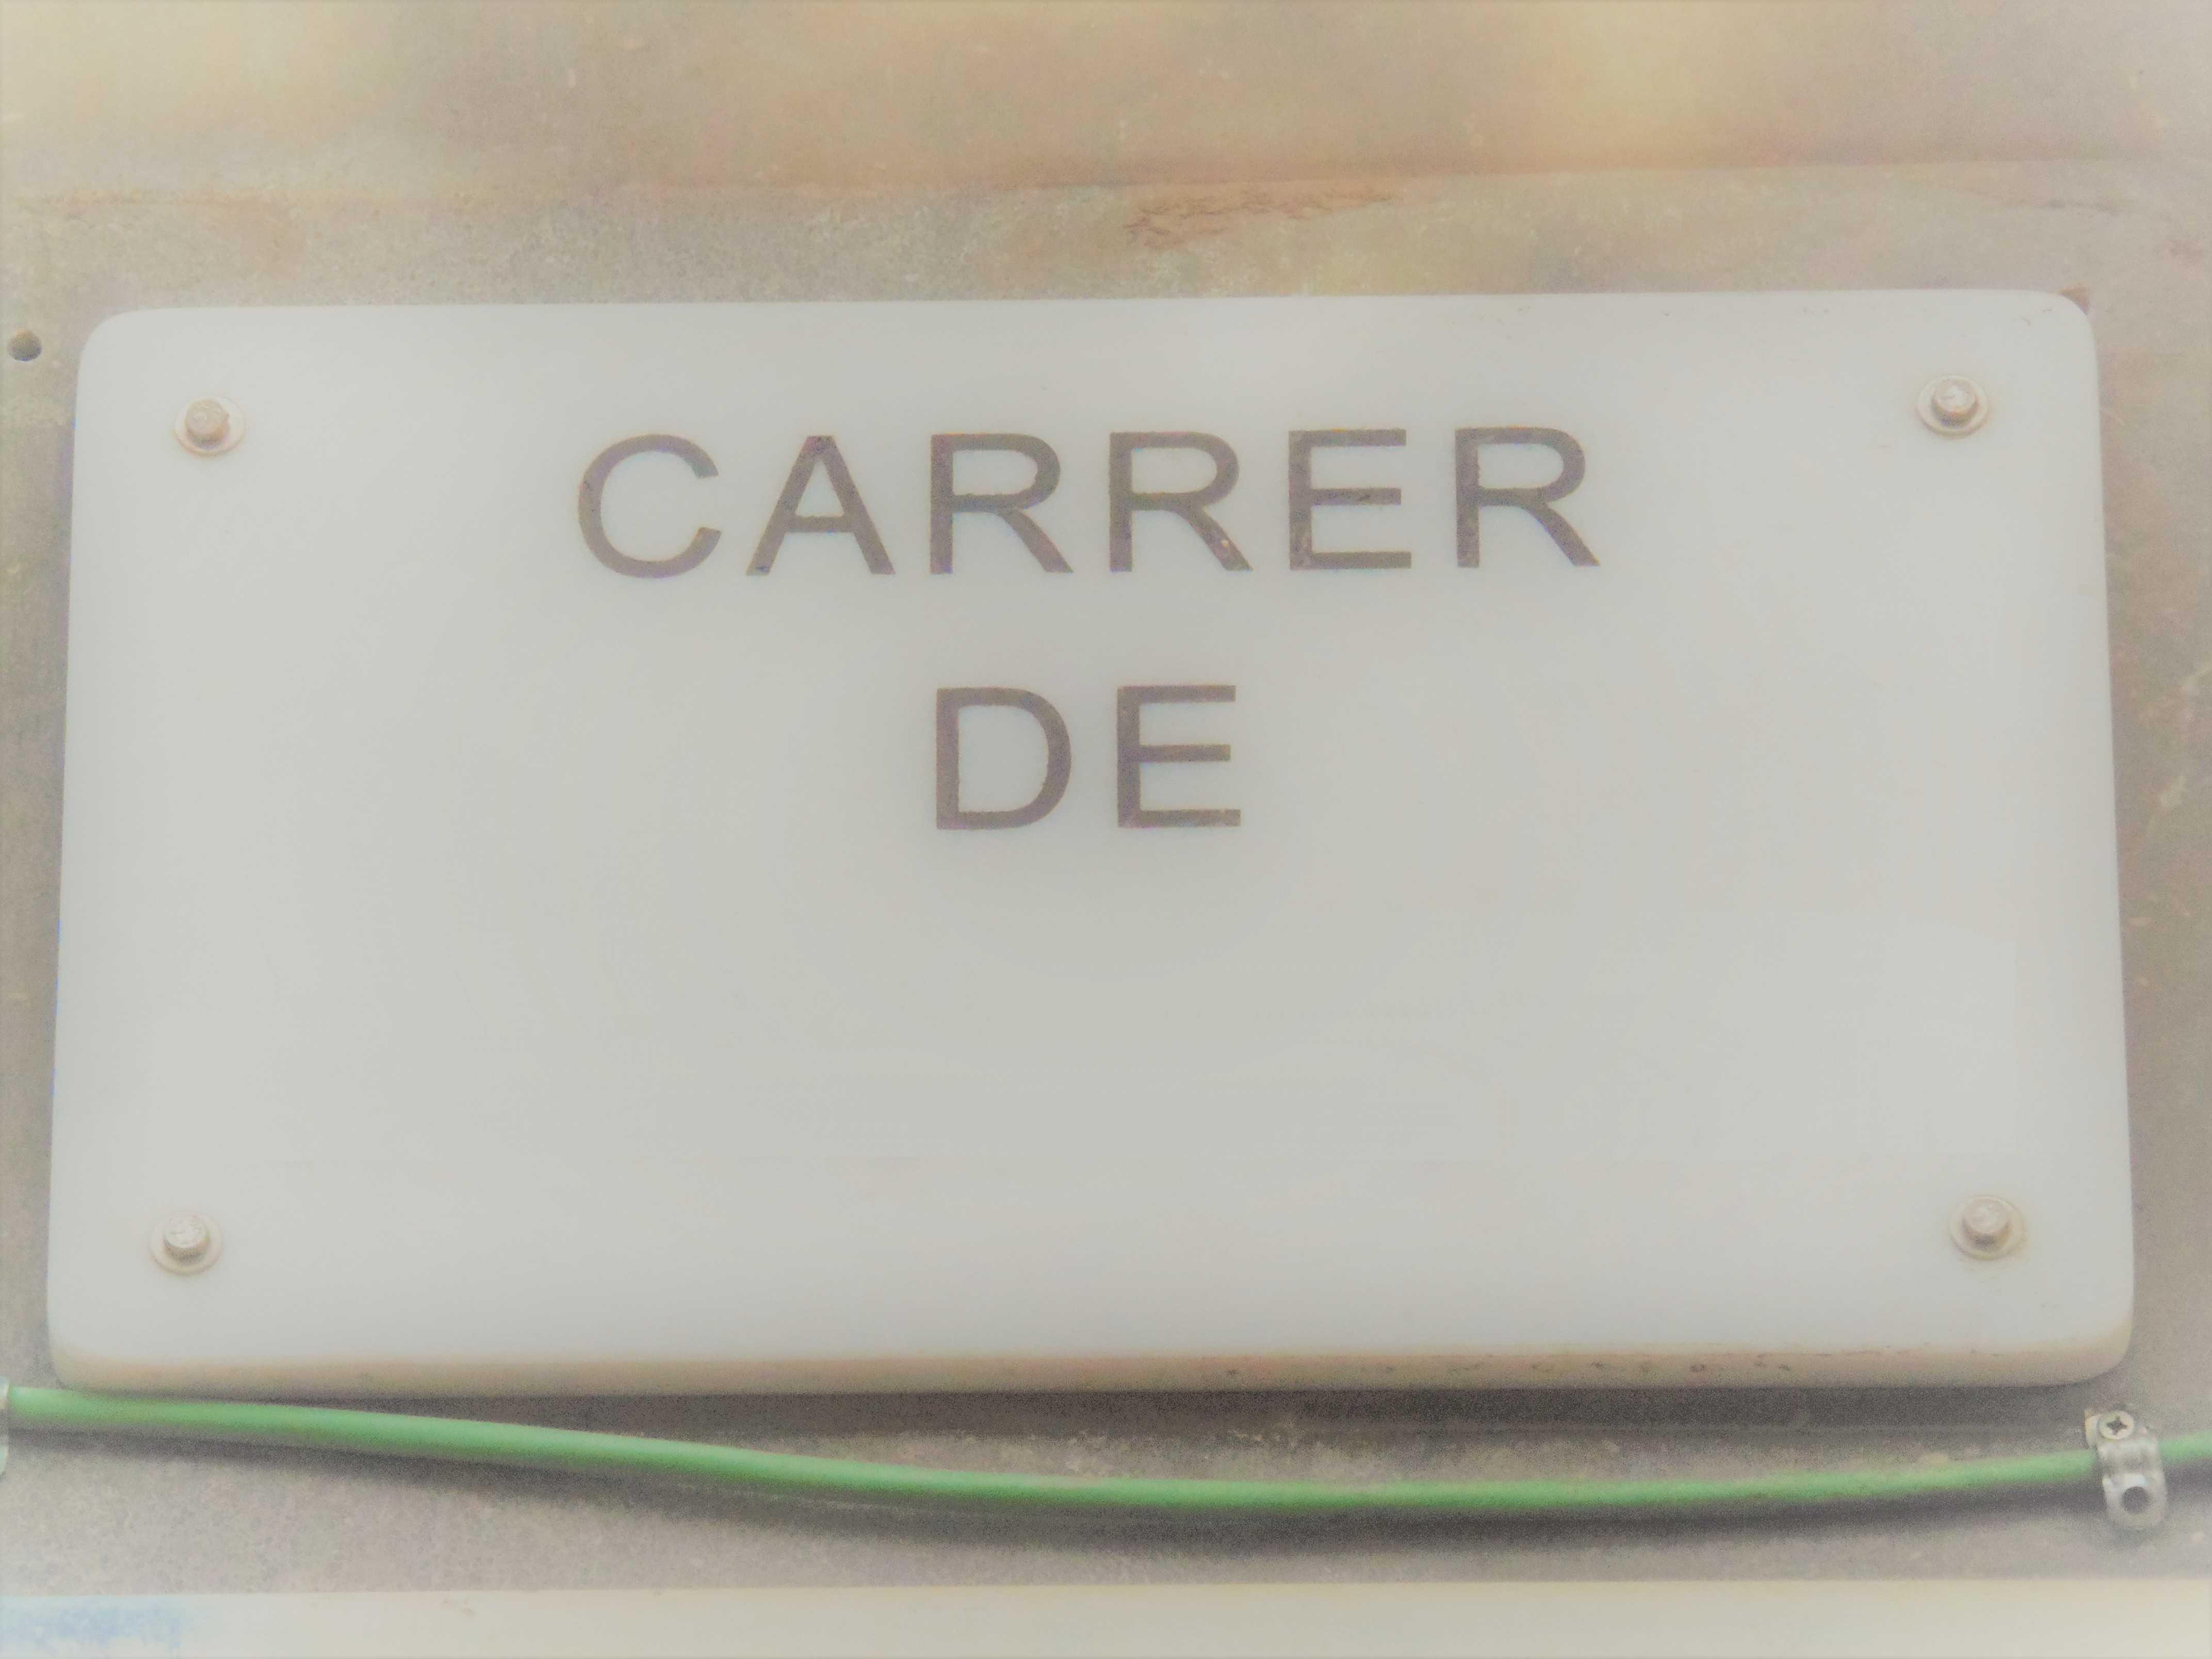 Nomenclator, conoce el significado de las calles de Barcelona: